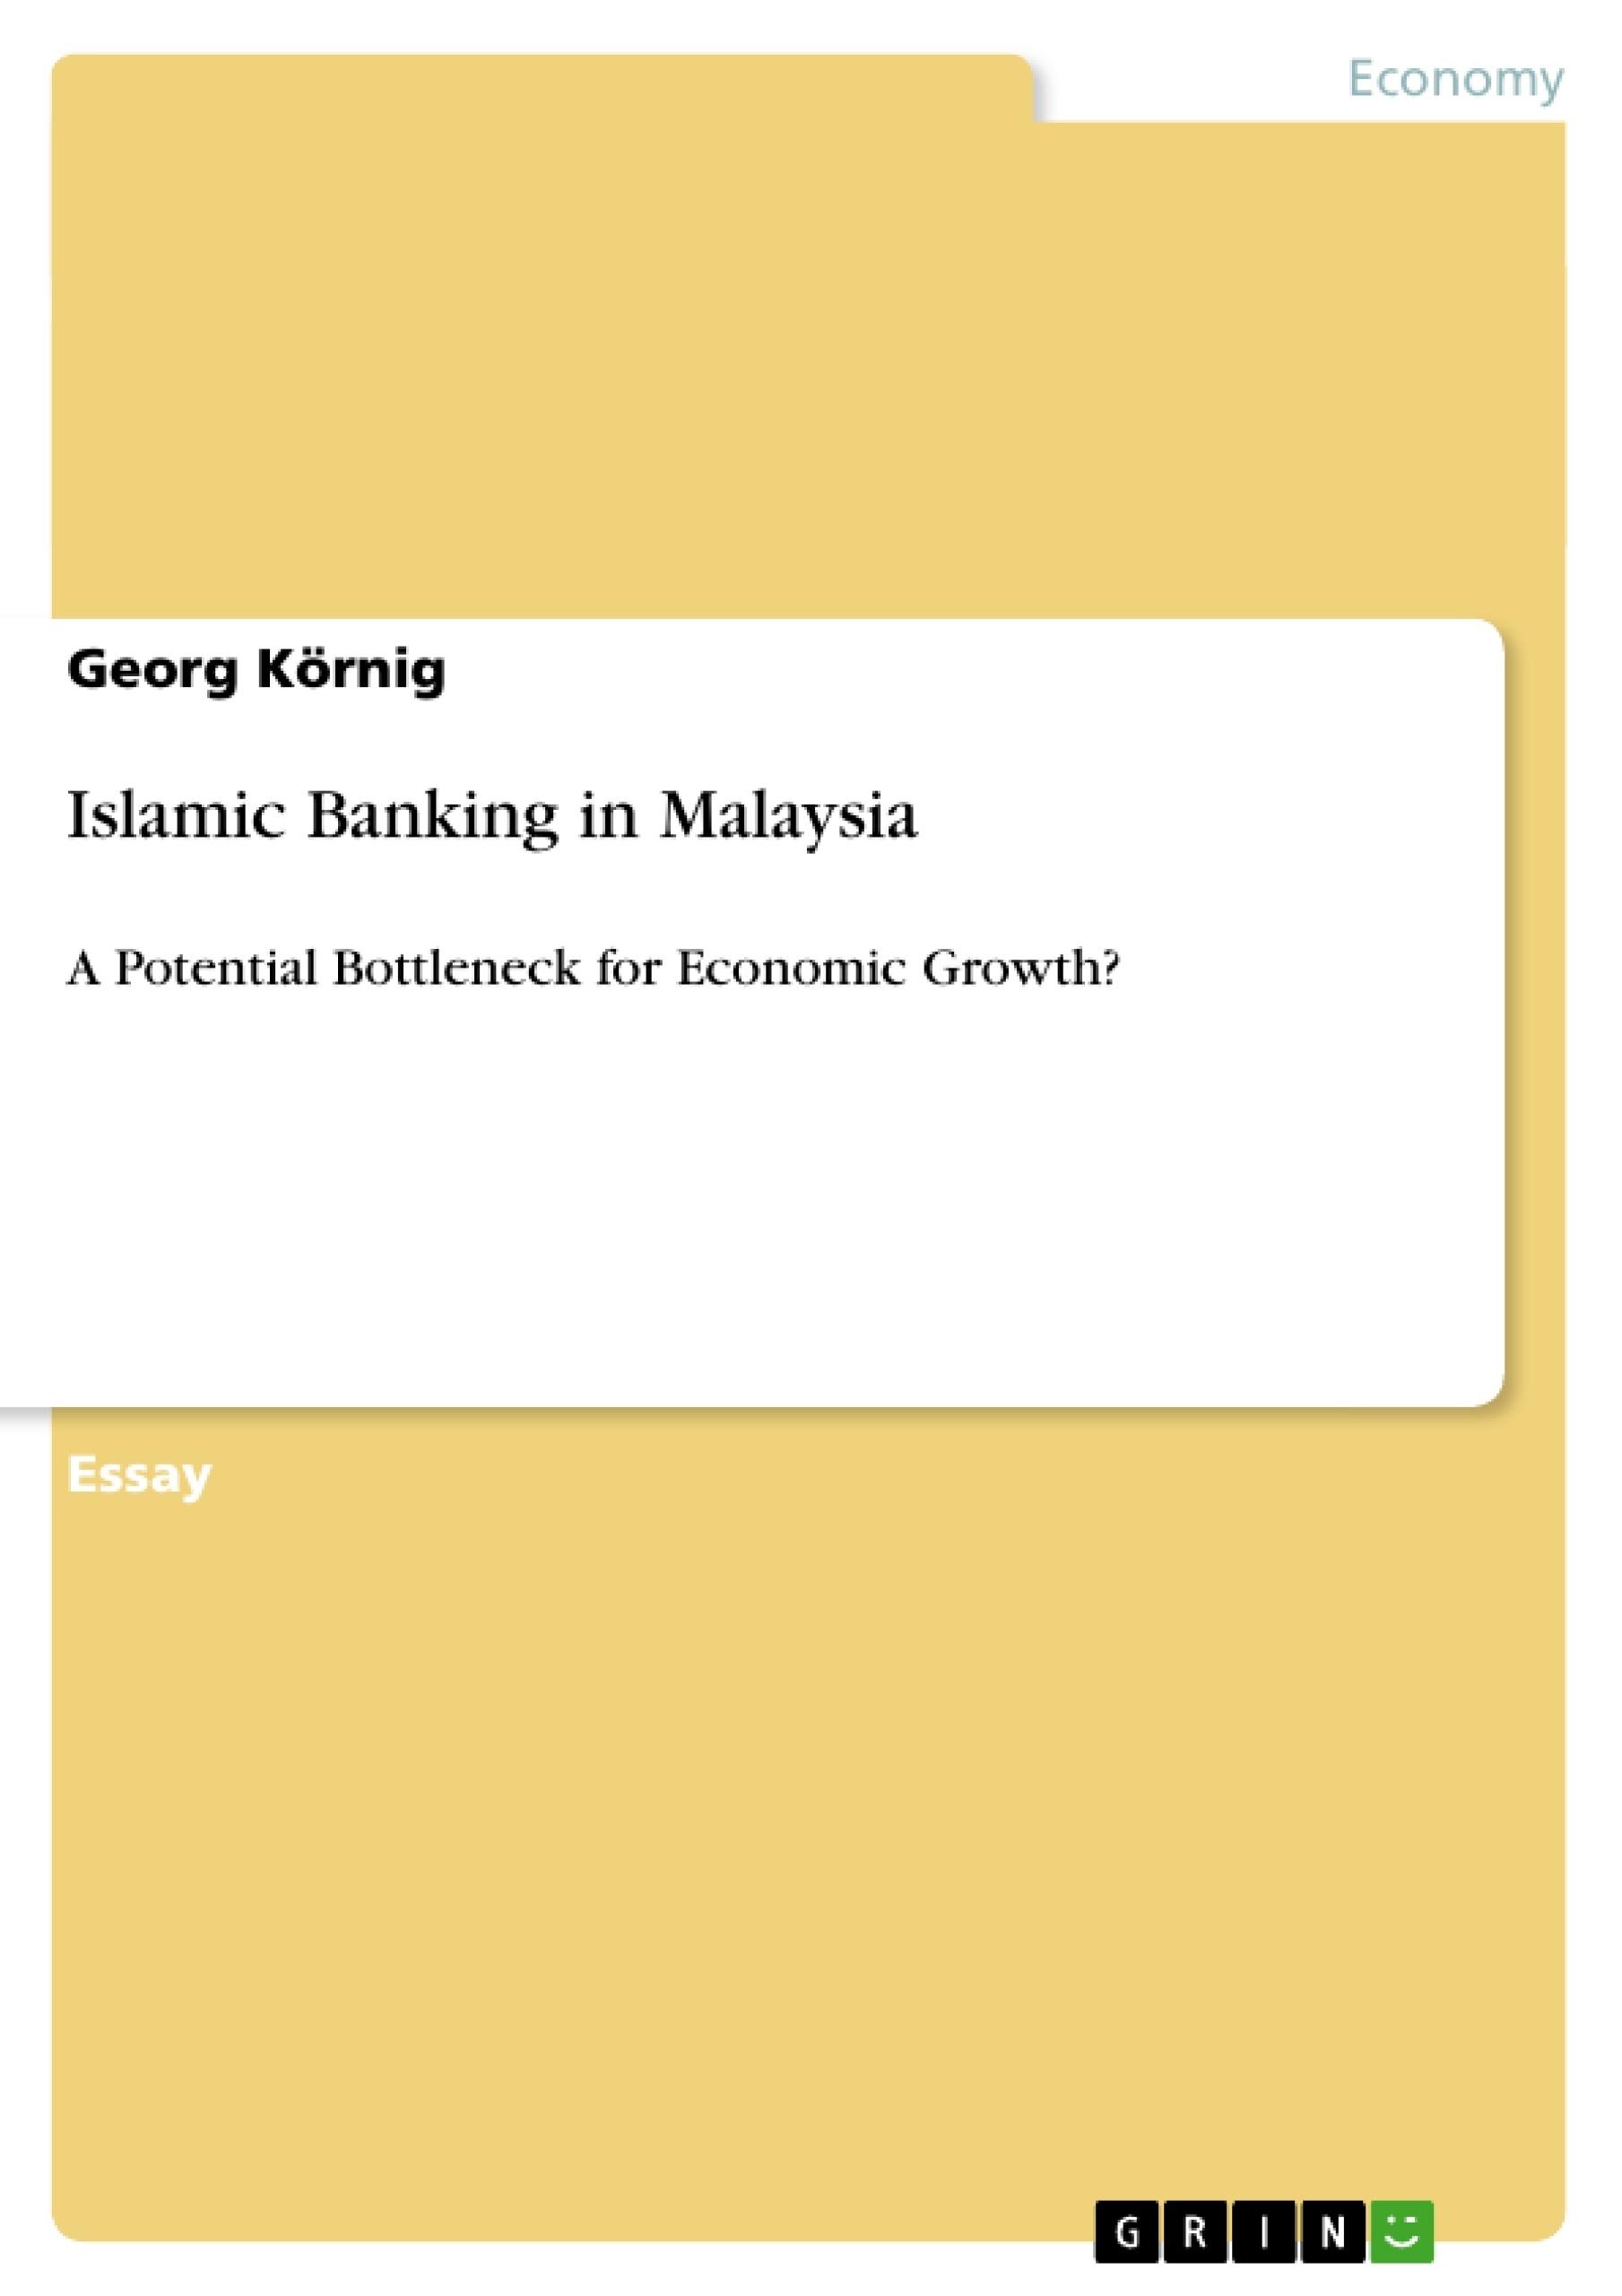 Title: Islamic Banking in Malaysia